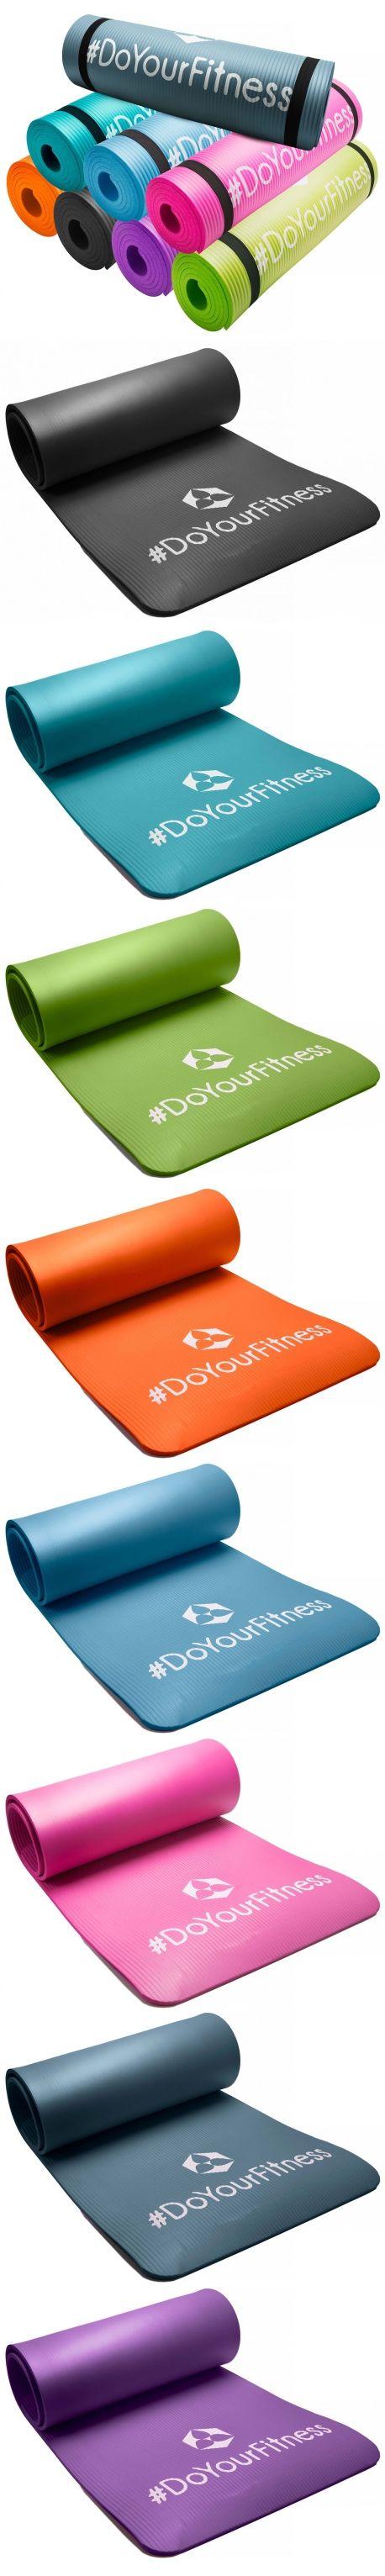 Du suchst noch eine Fitnessmatte? #DoYourSports bietet dir Markenqualität zu günstigen Preisen